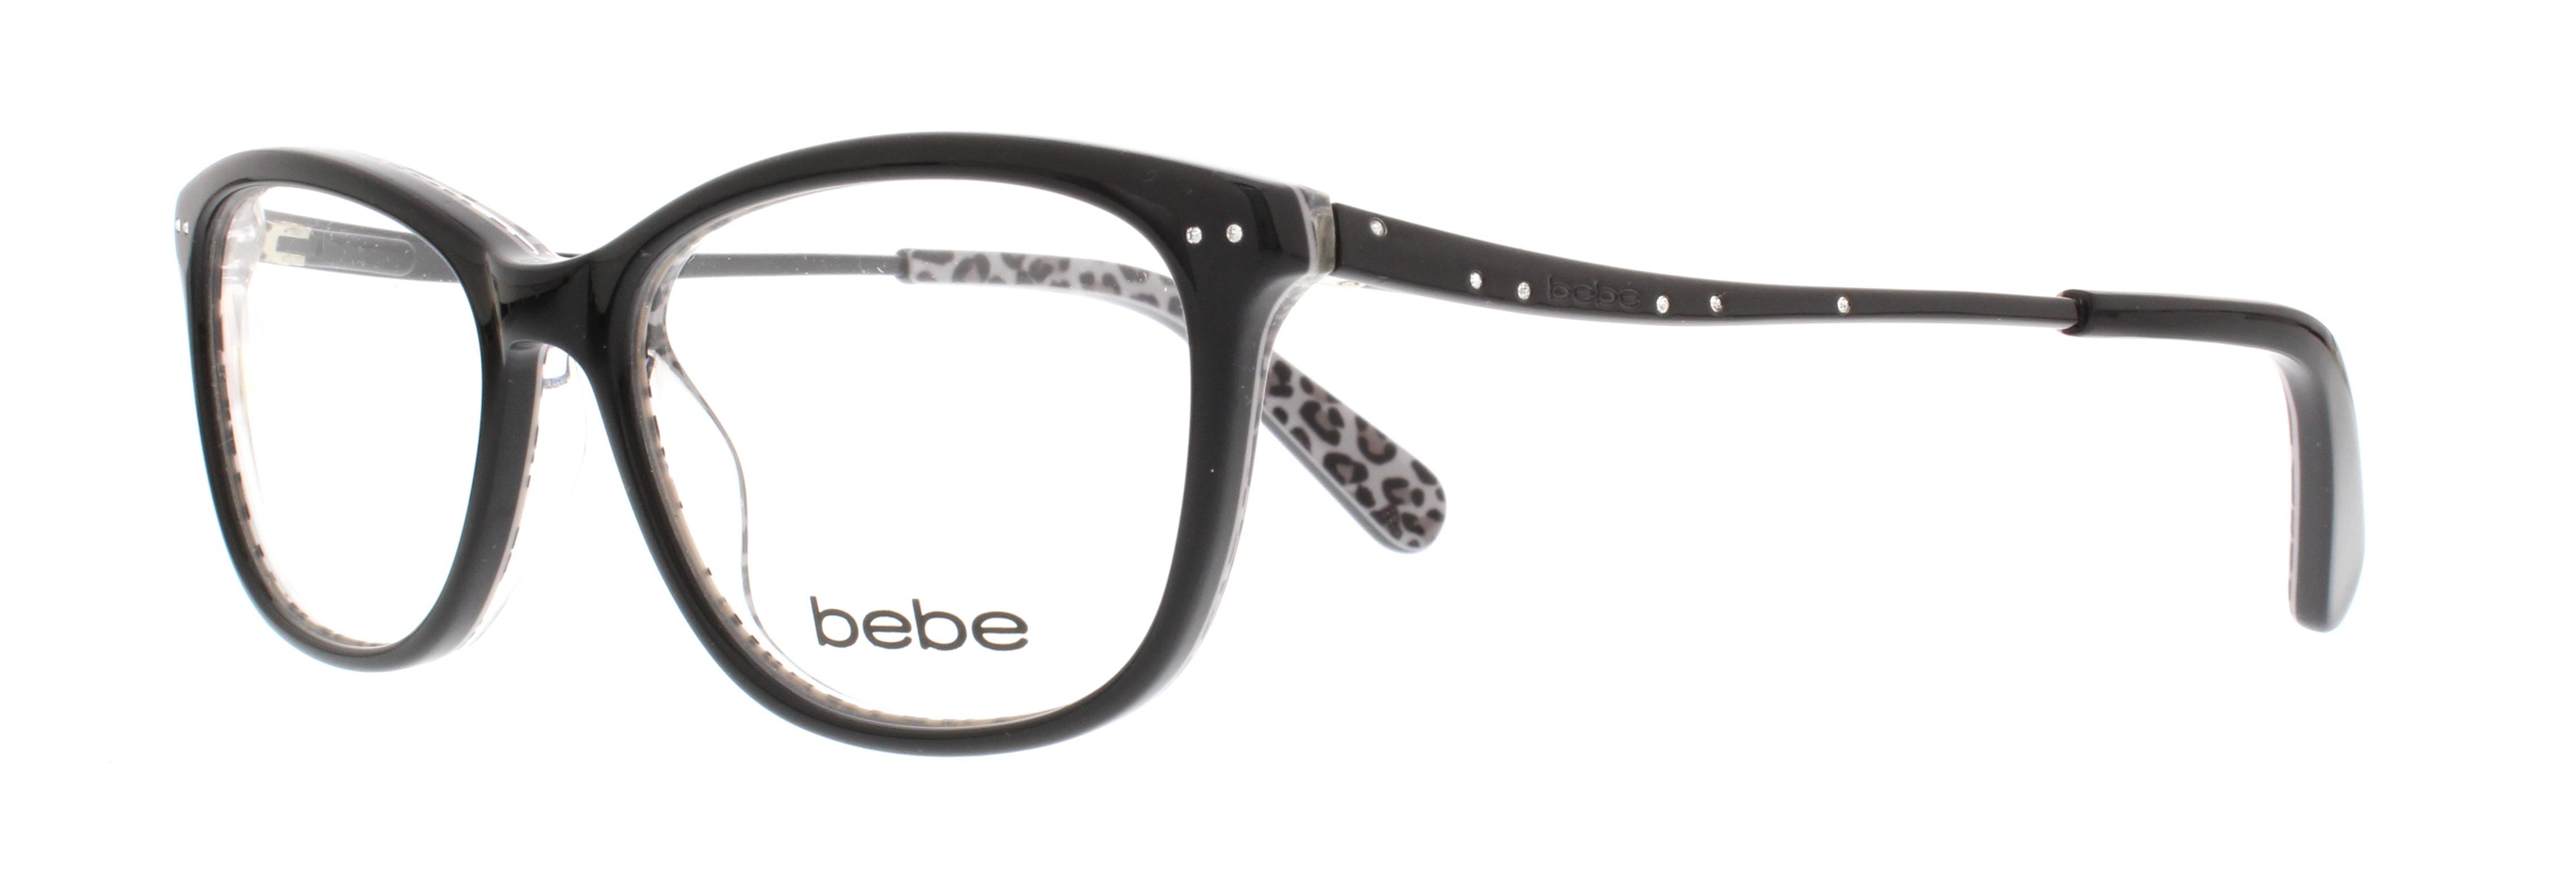 Designer Frames Outlet. Bebe BB5101 On Fire